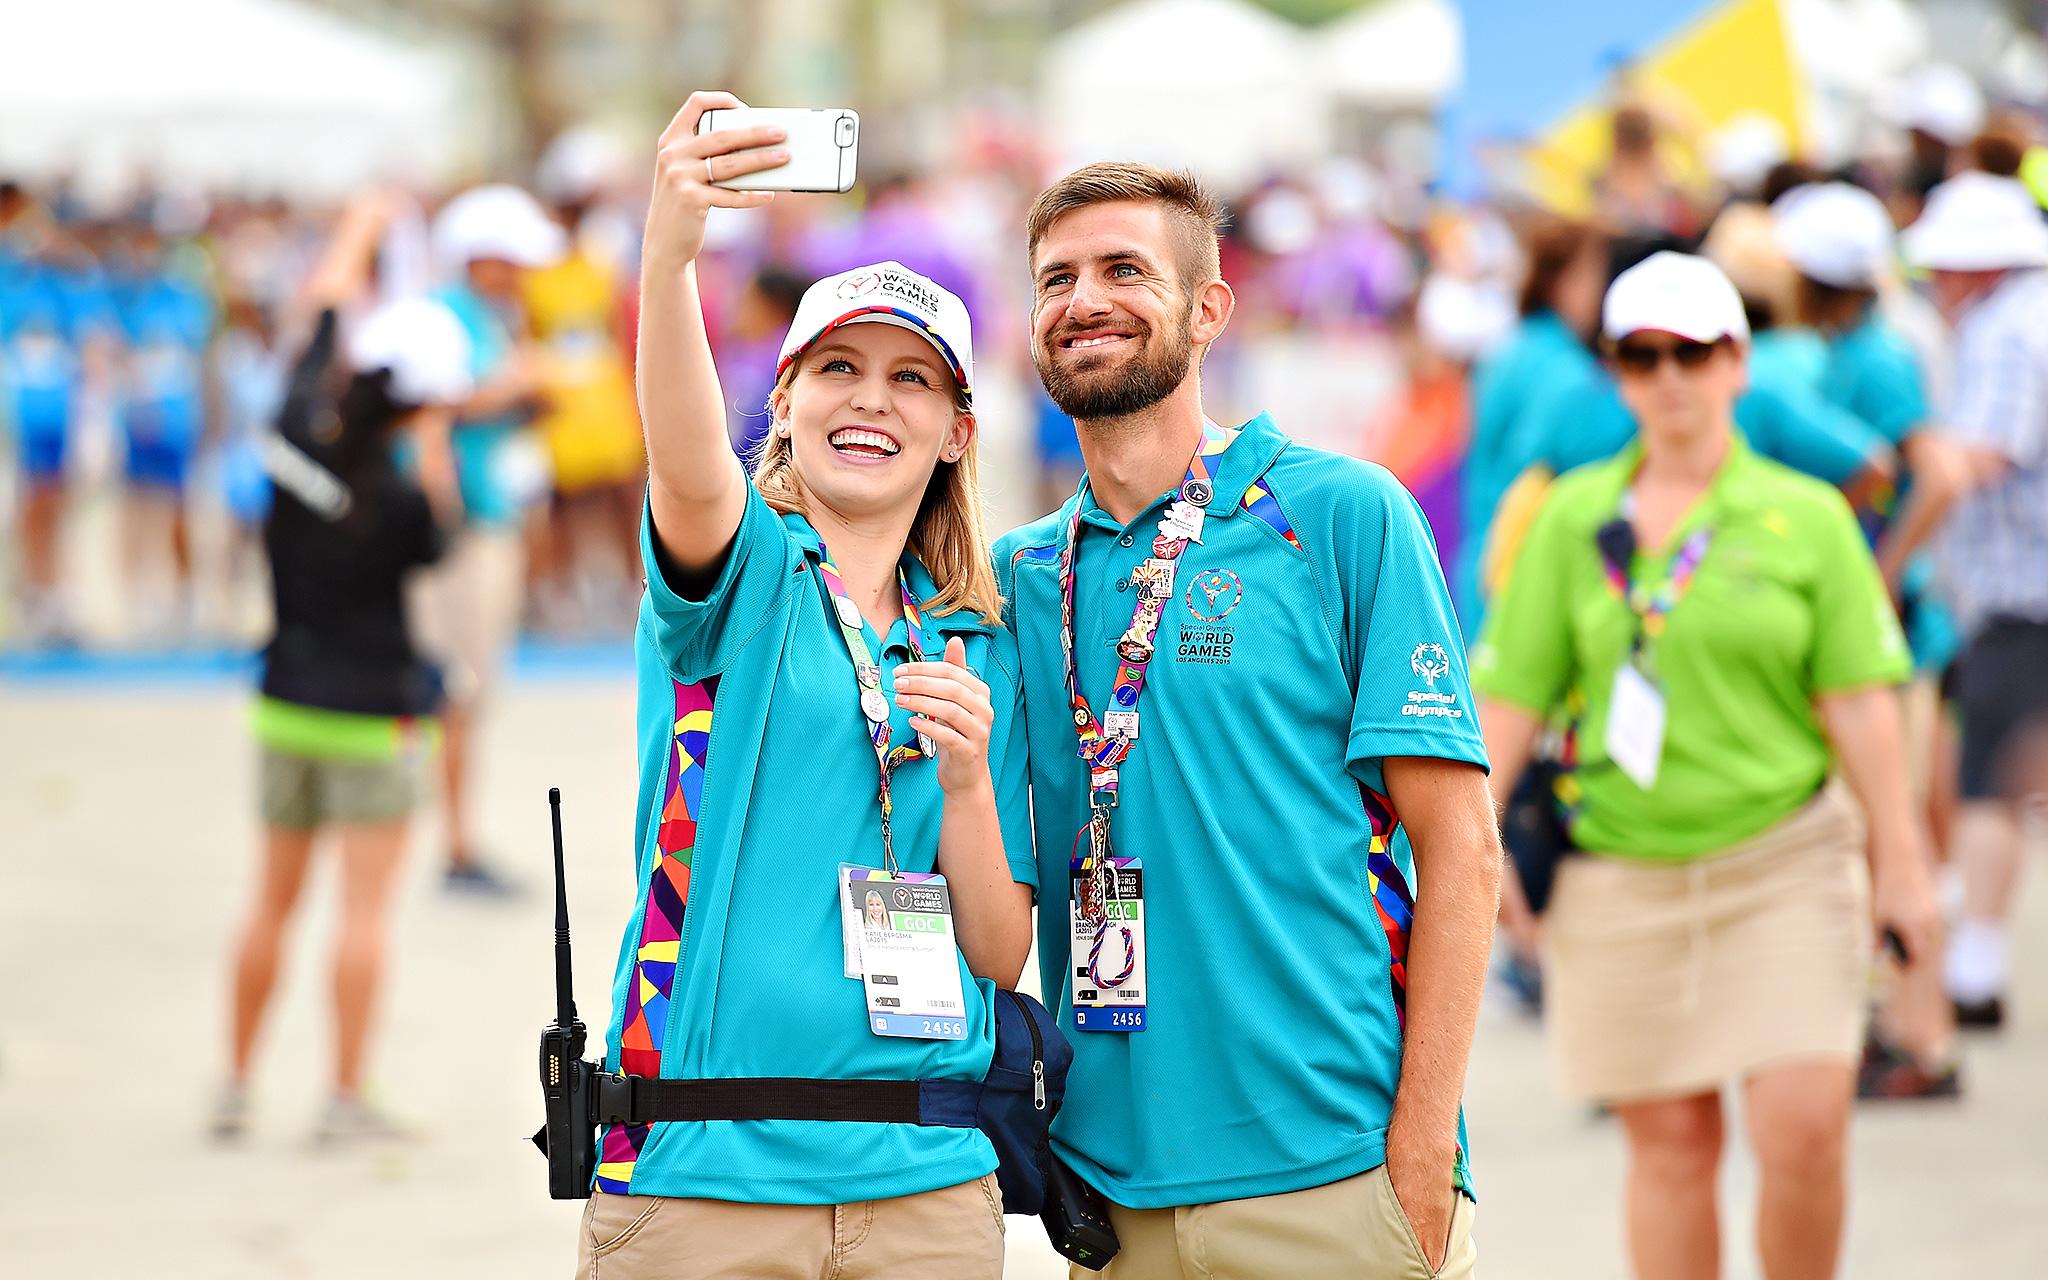 Volunteer selfie